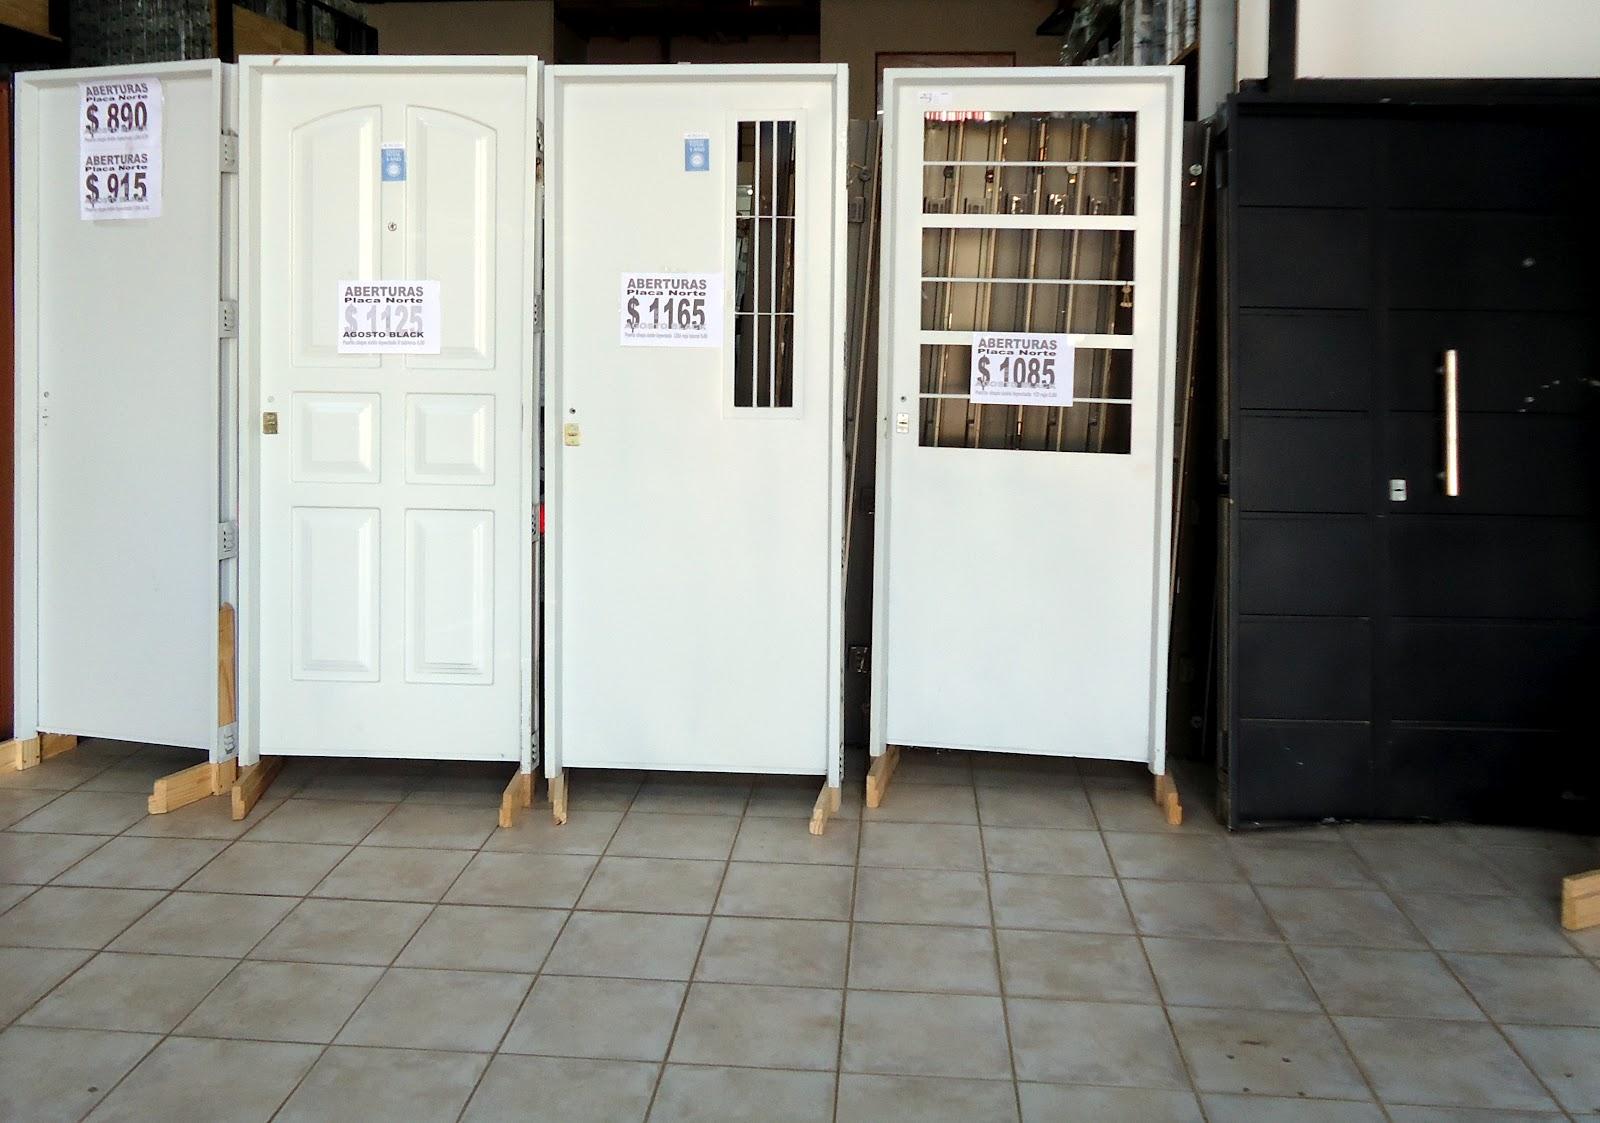 Puertas doble chapa inyectadas aberturas placa norte for Como reciclar una puerta de chapa